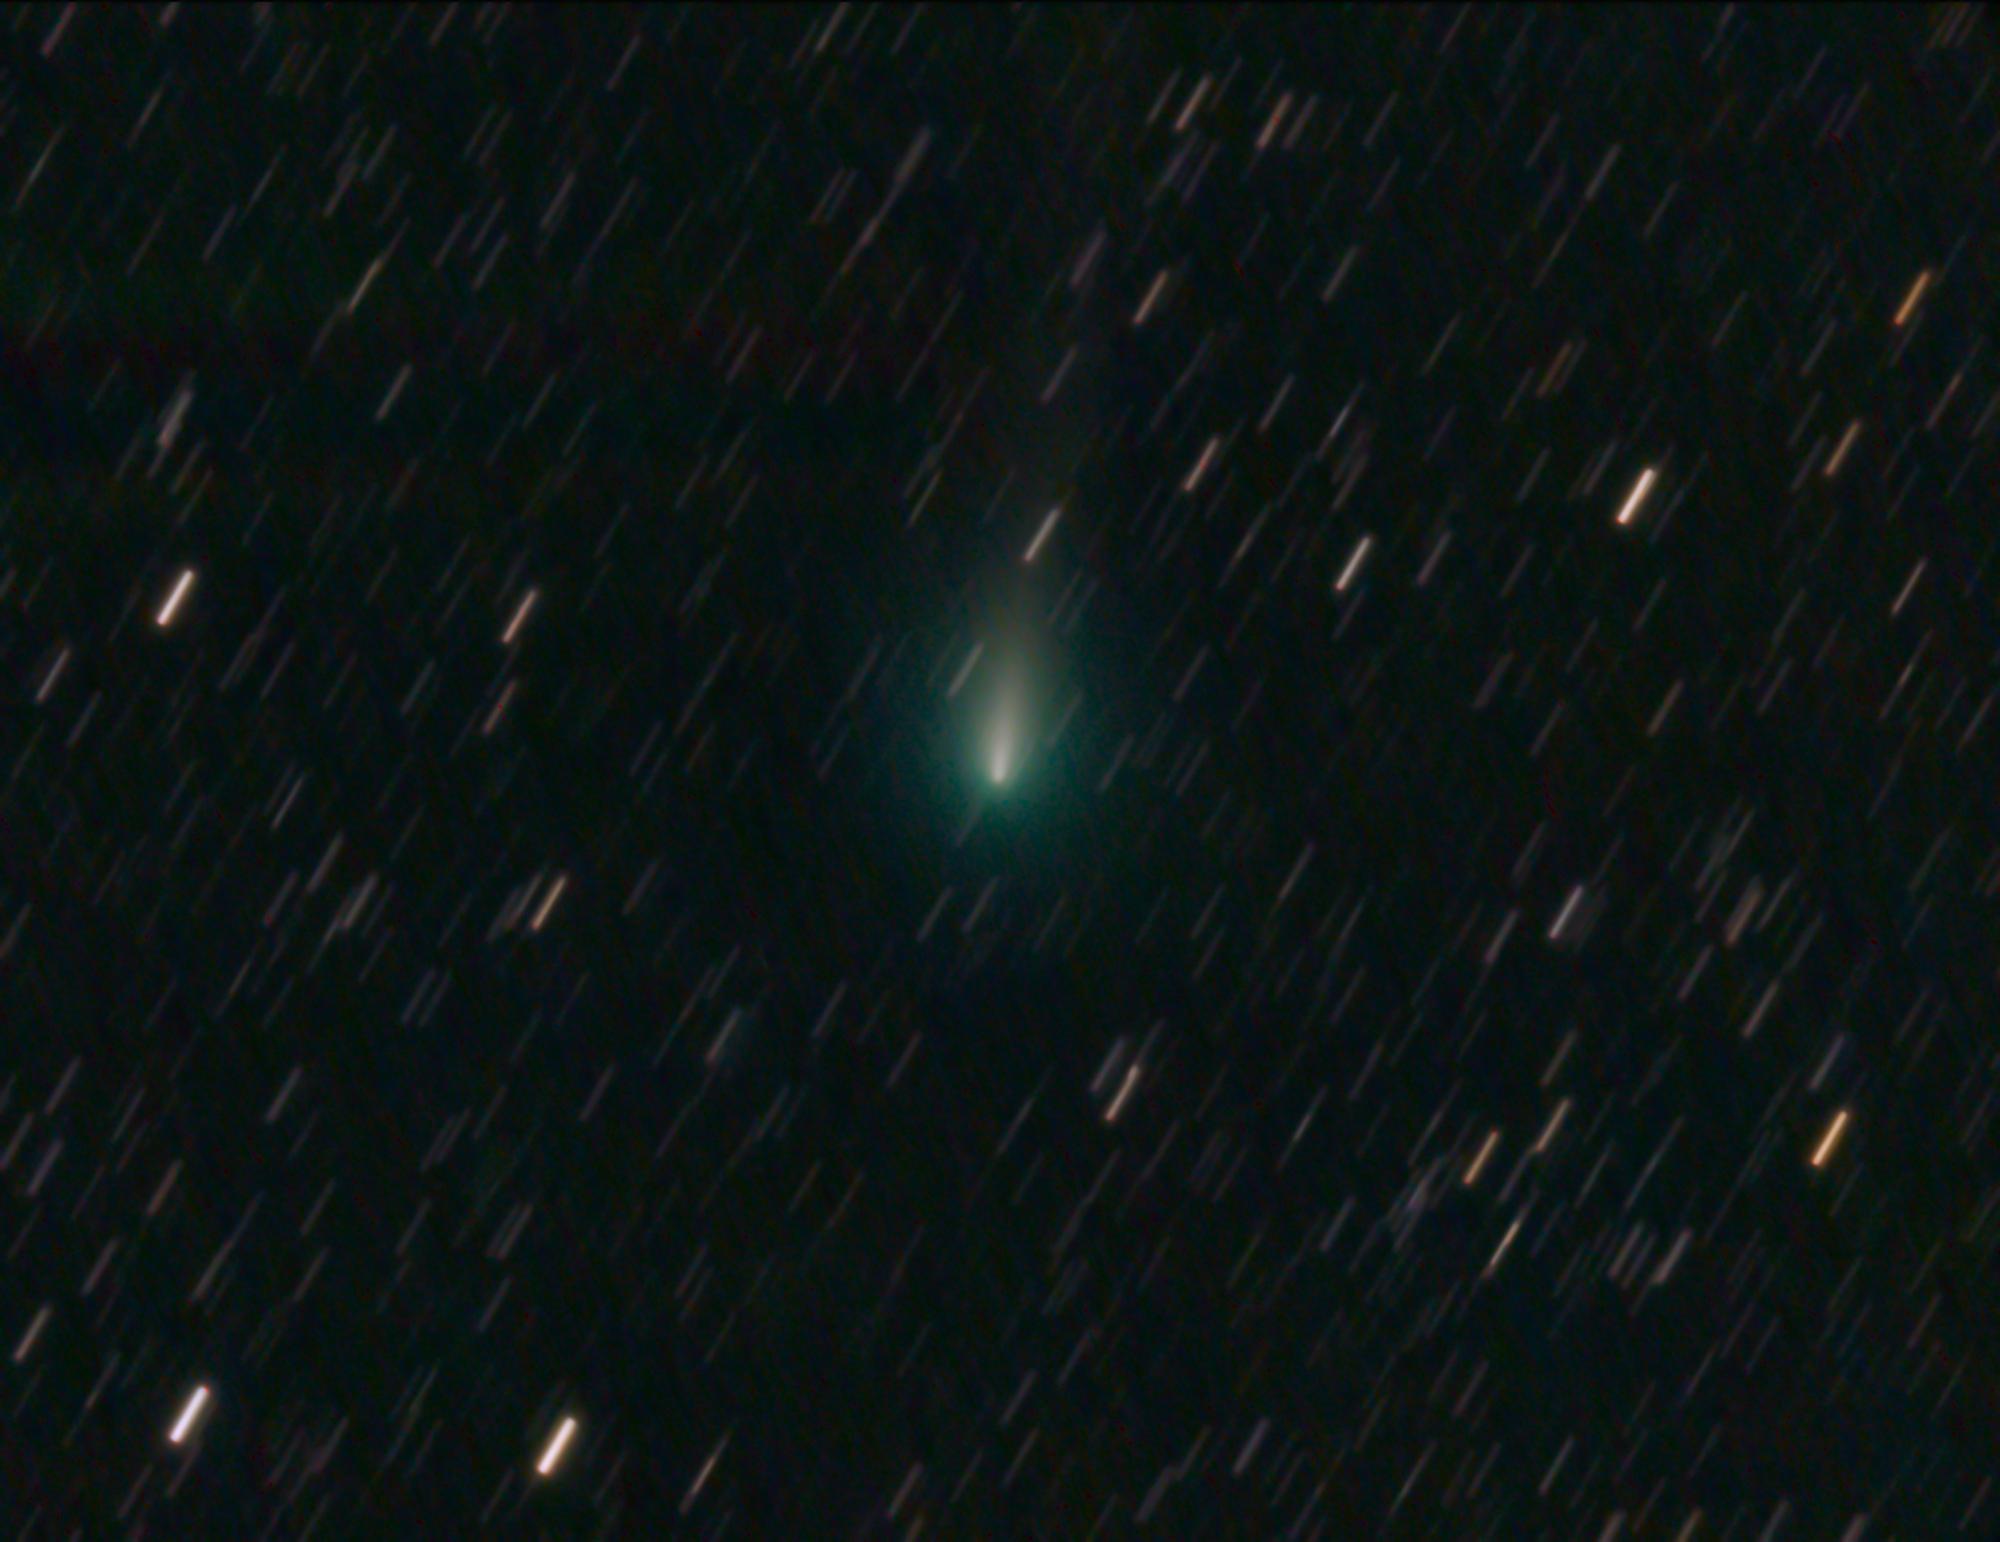 ATLAS-15AVR_102x30s.jpg